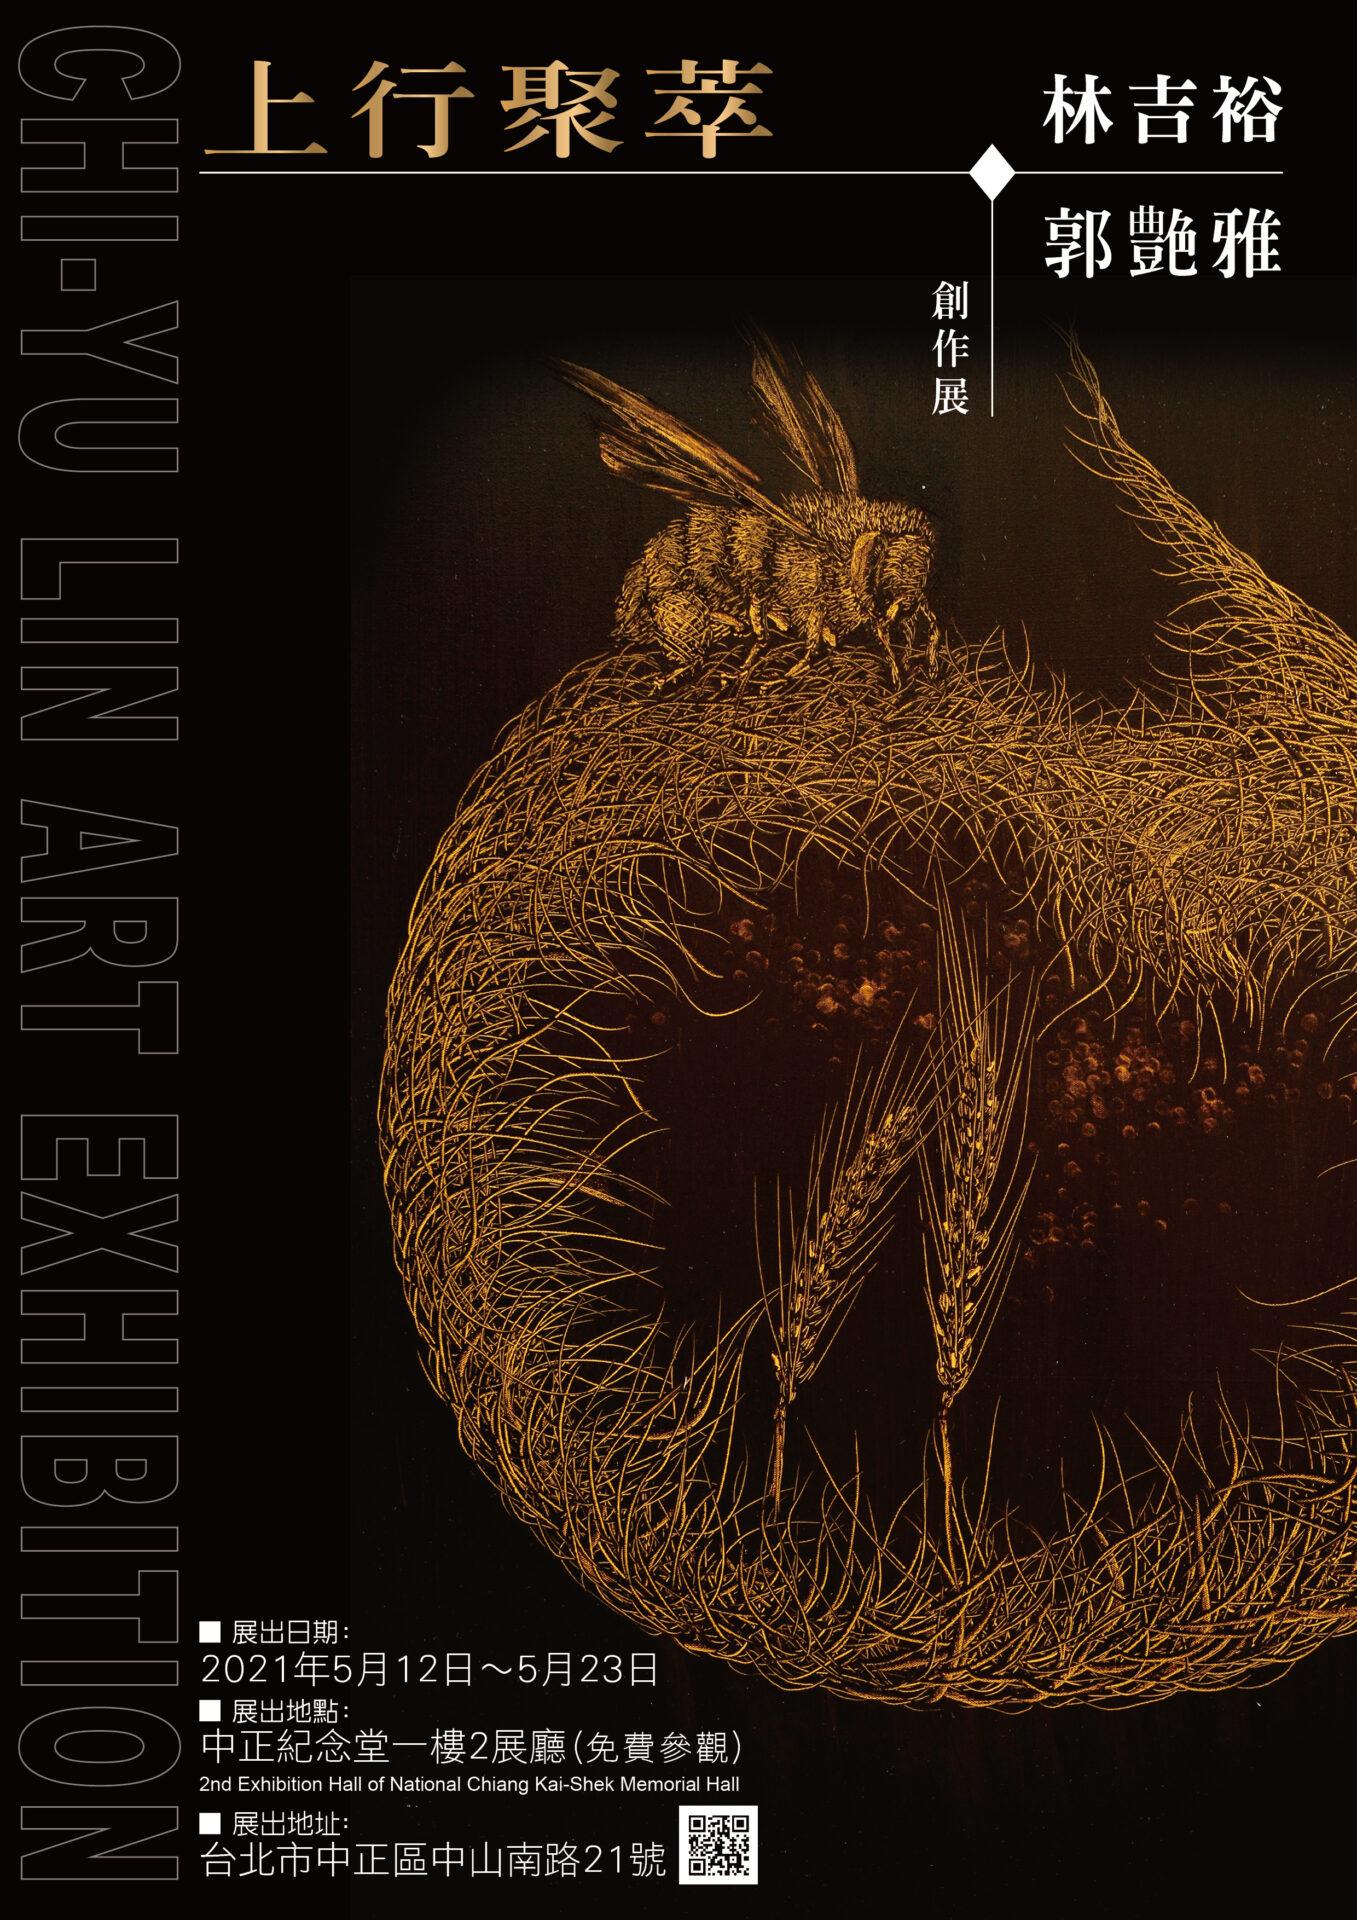 國立中正紀念堂管理處:5/12-5/23【上行聚萃-林吉裕、郭艶雅創作展】